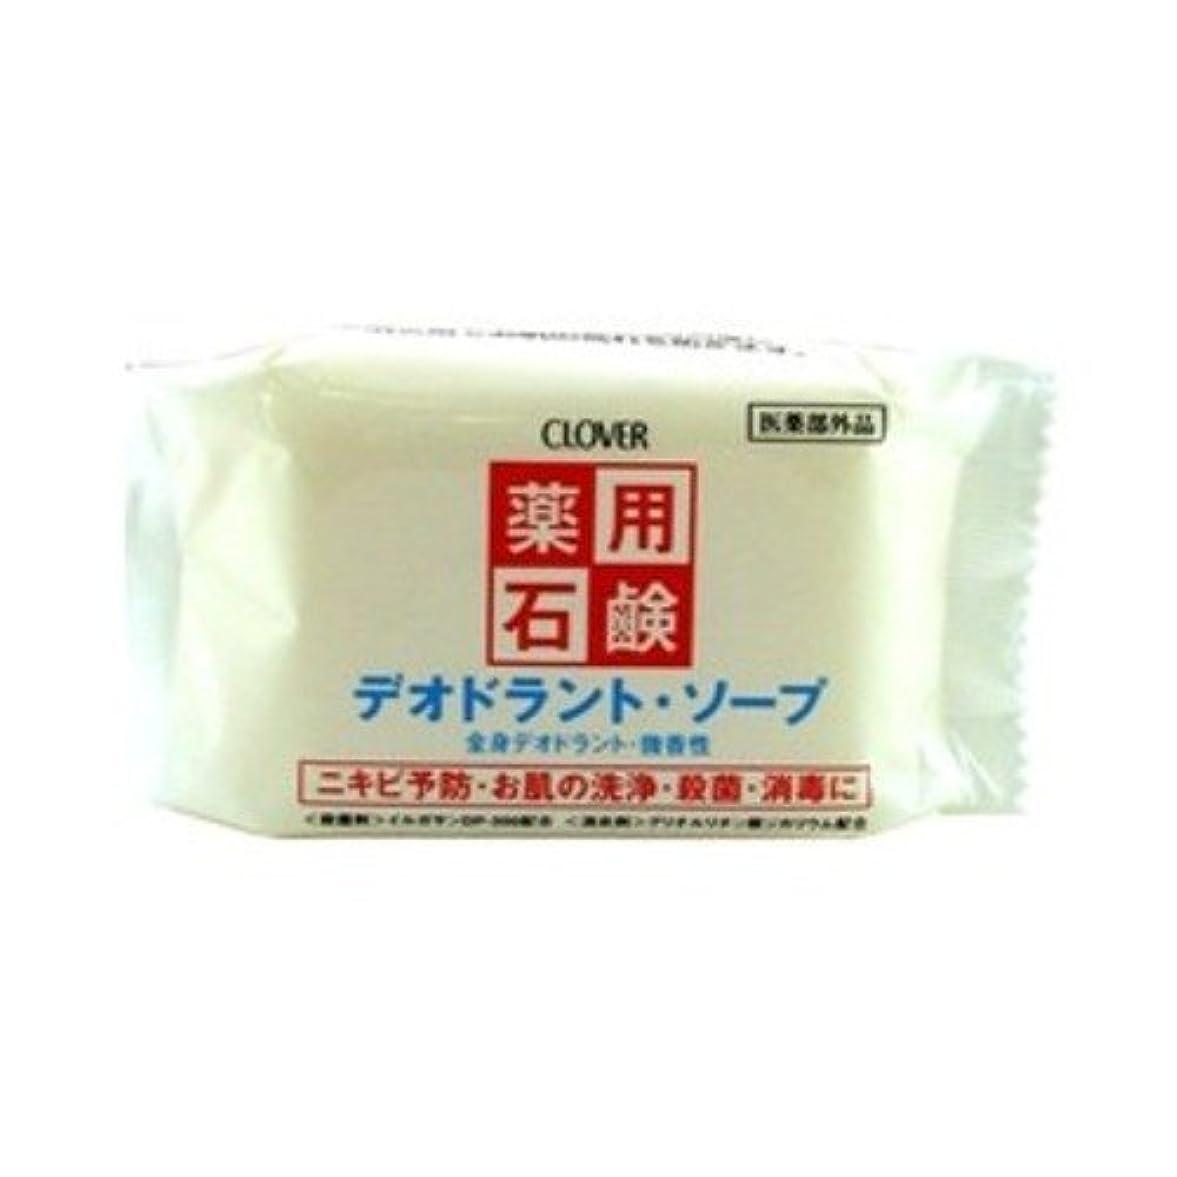 ヒゲ美容師内訳クロバー 薬用デオドラント ソープ 90g